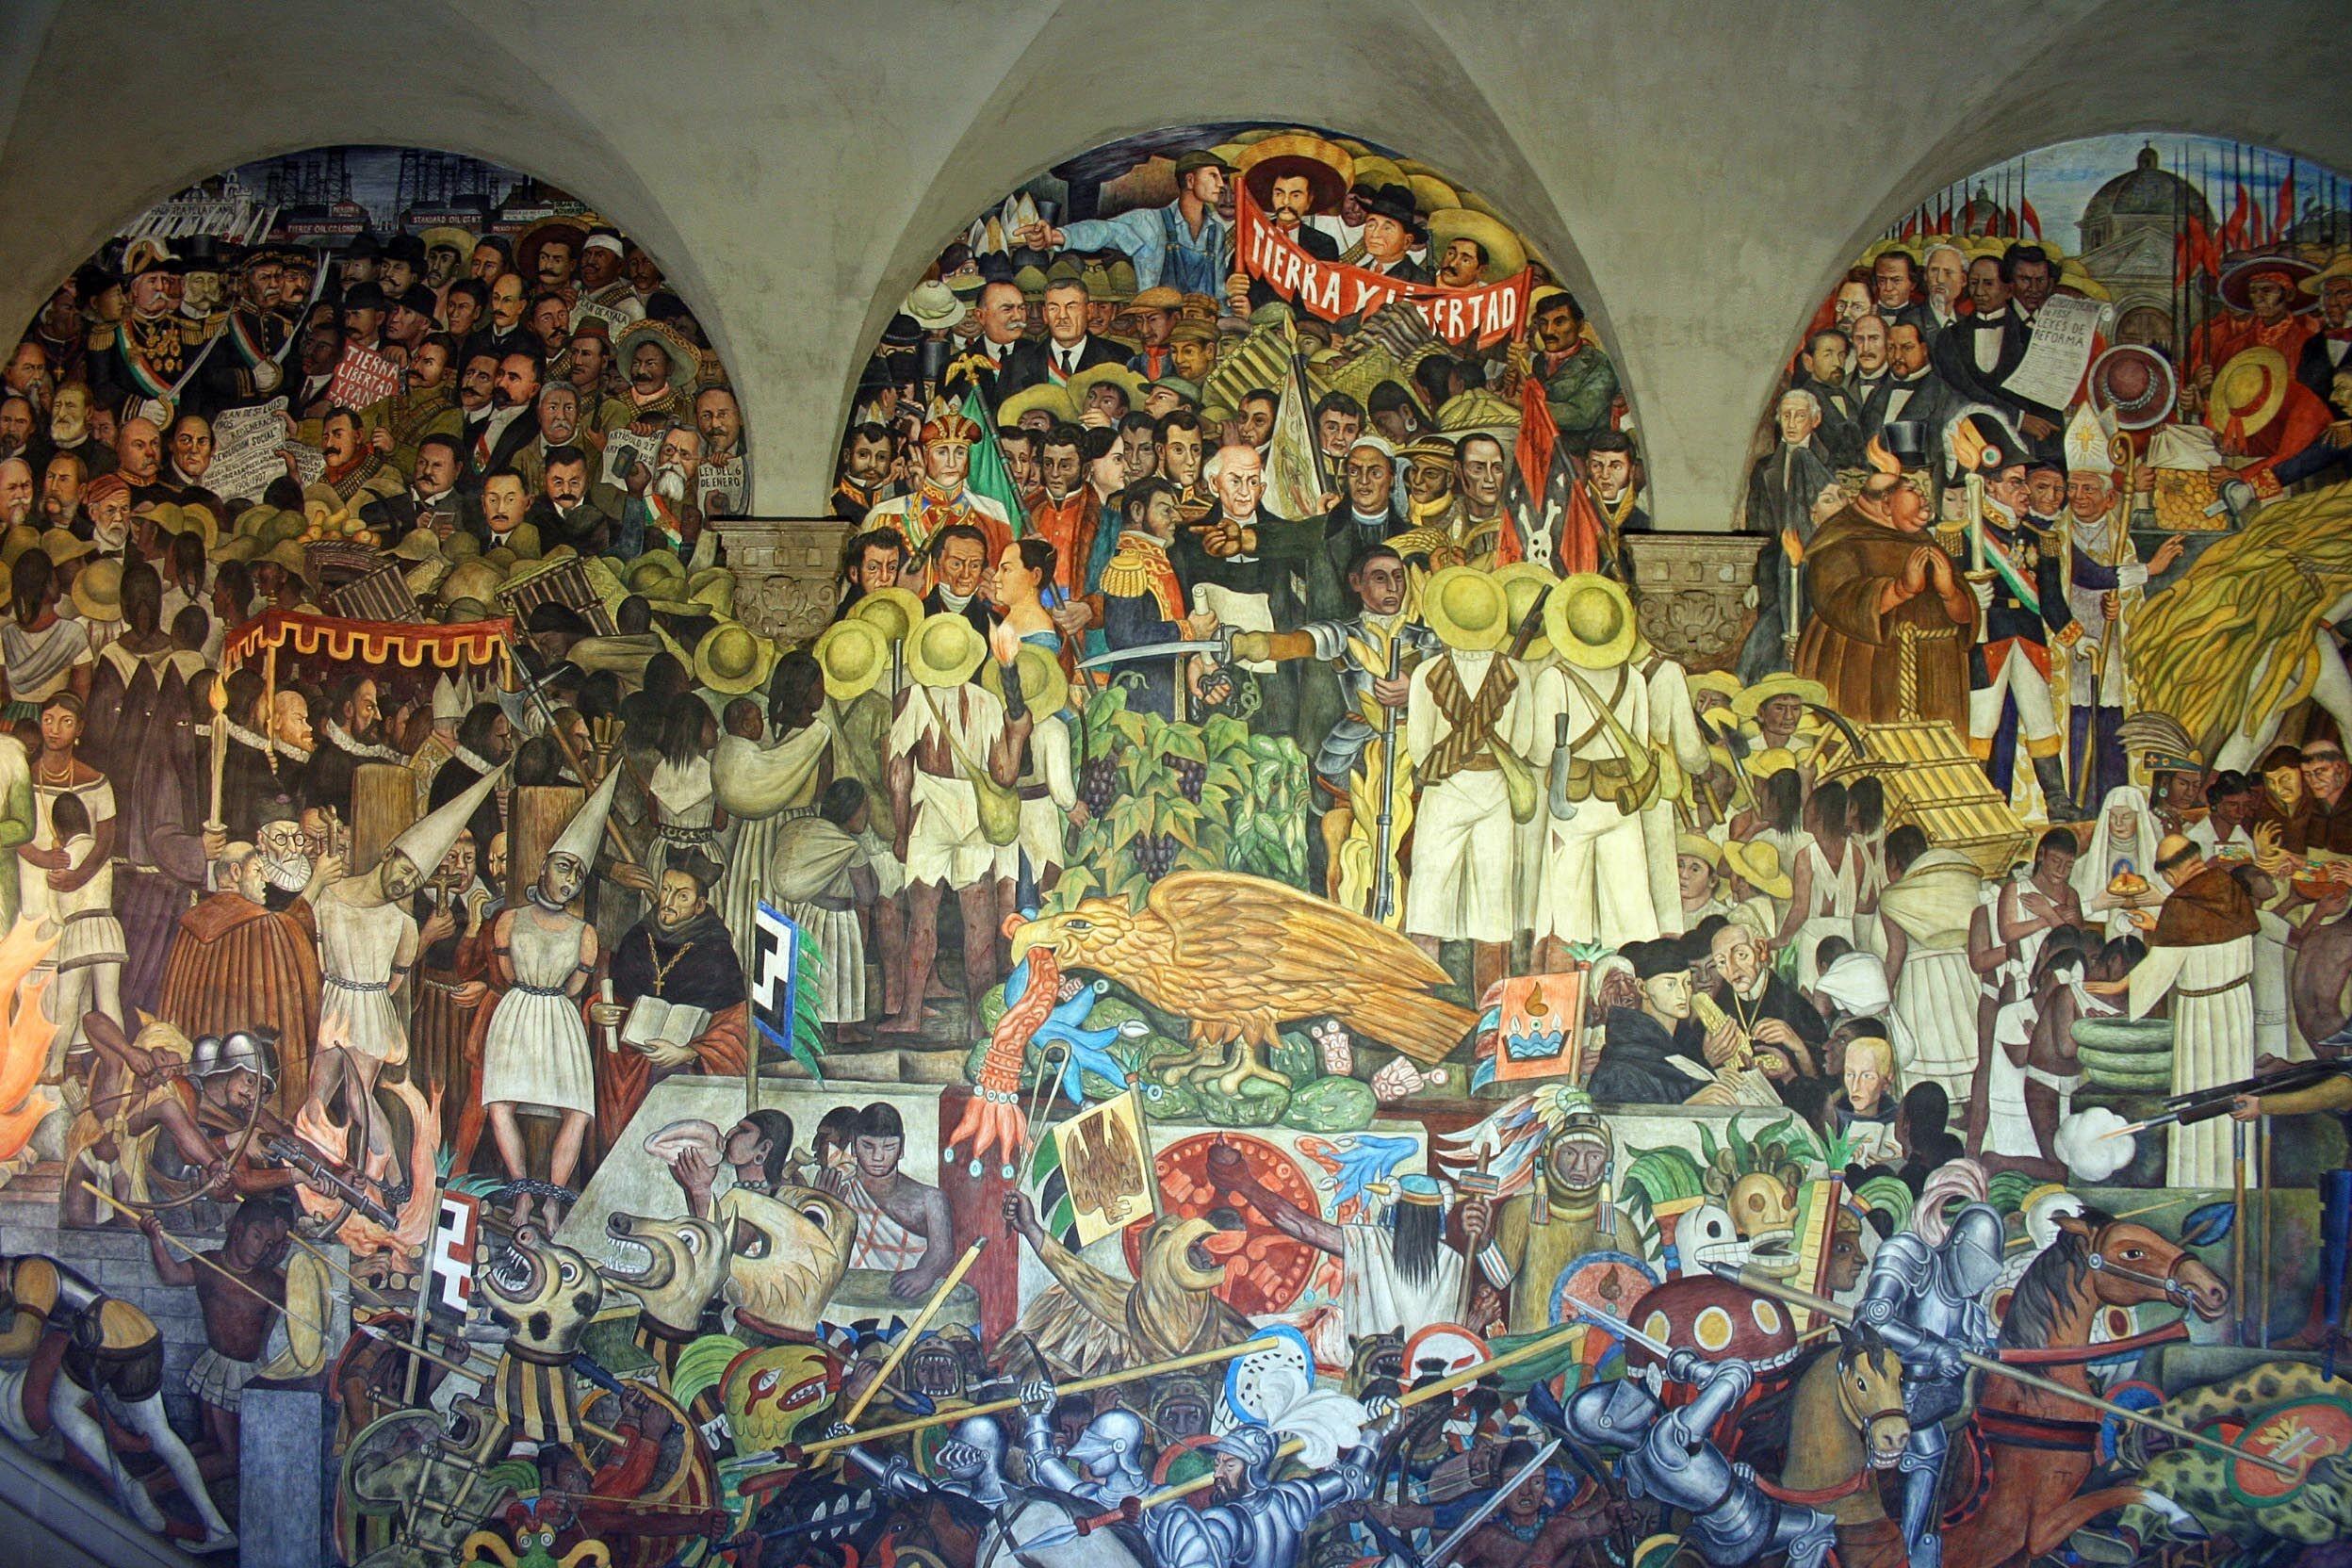 Res: 2496x1664, Diego Rivera - Mural Mexicano historia de mexico- forma de enseñar a la  gente 90